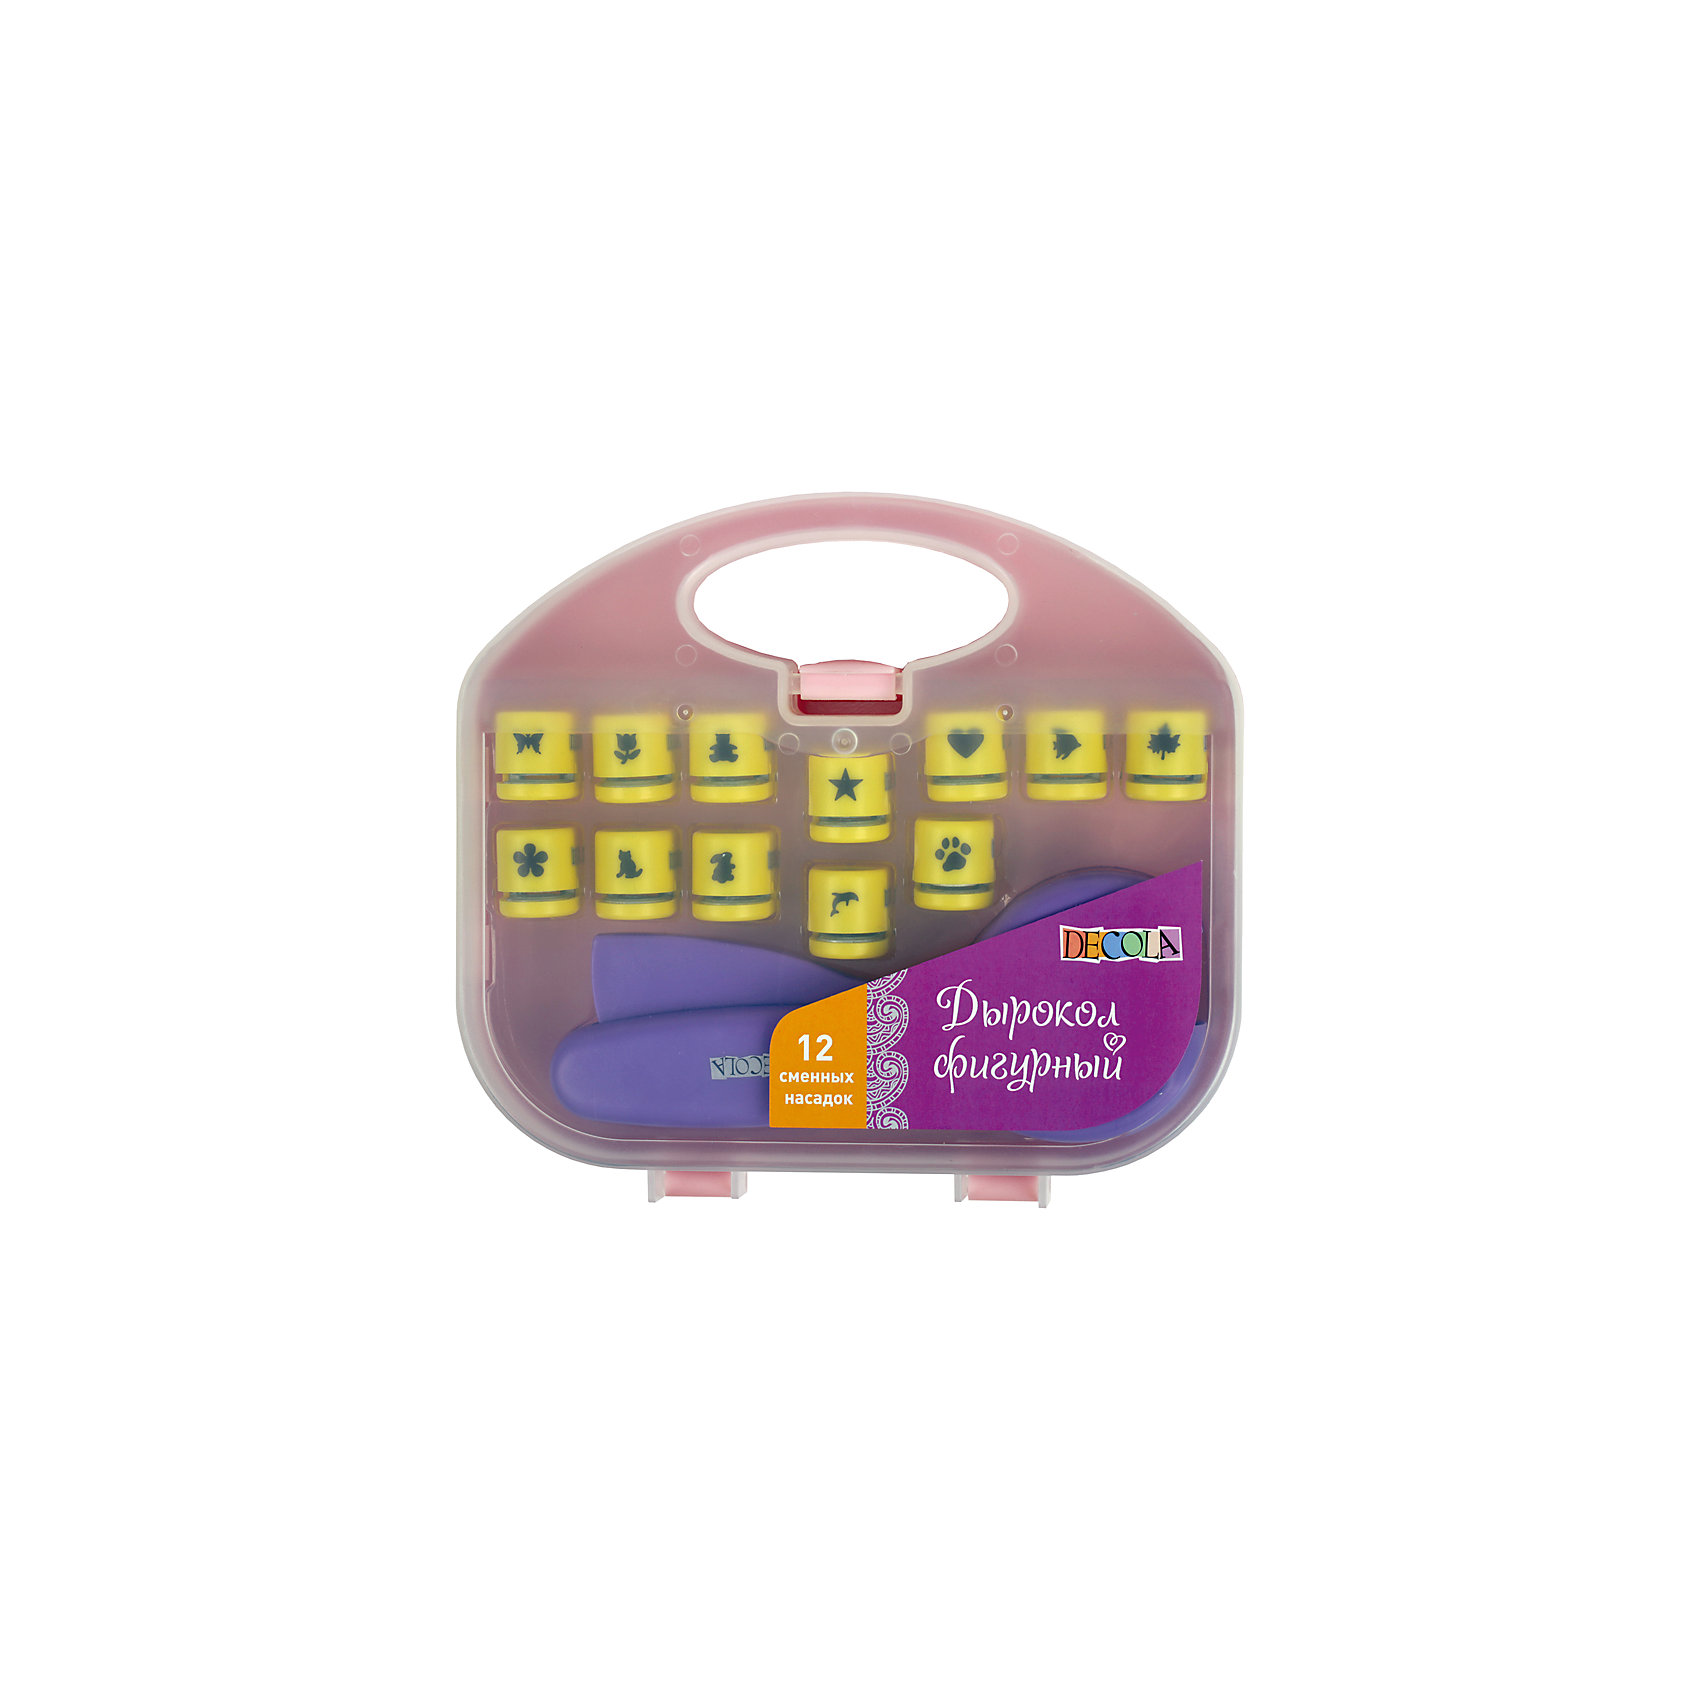 Дырокол фигурный со сменными насадками ЗХКБумага<br>Назначение: для скрапбукинга<br>Тип: дырокол<br>Материал: пластик<br>Количество предметов: 13 <br>Возраст: старше 5 лет<br>Упаковка ед. товара: пластиковый чемодан<br>Фигурный дырокол cо сменными насадками предназначен для создания перфорации сложной формы элементов из бумаги. Применяется при оформлении подарков, декорировании открыток, фоторамок, пригласительных. Поместите лист бумаги в прорезь дырокола и нажмите на рычаг. Рекомендуется  использовать в работе бумагу плотностью до 200 г/м?. Следует регулярно смазывать лезвия дырокола и производить их своевременную заточку, прокомпостировав, фольгу или мелкую наждачную бумагу. Состав набора: дырокол (1 шт.) + сменные насадки с вырубкой 1 см (12 шт.).<br><br>Ширина мм: 260<br>Глубина мм: 240<br>Высота мм: 50<br>Вес г: 447<br>Возраст от месяцев: 84<br>Возраст до месяцев: 2147483647<br>Пол: Унисекс<br>Возраст: Детский<br>SKU: 7044177